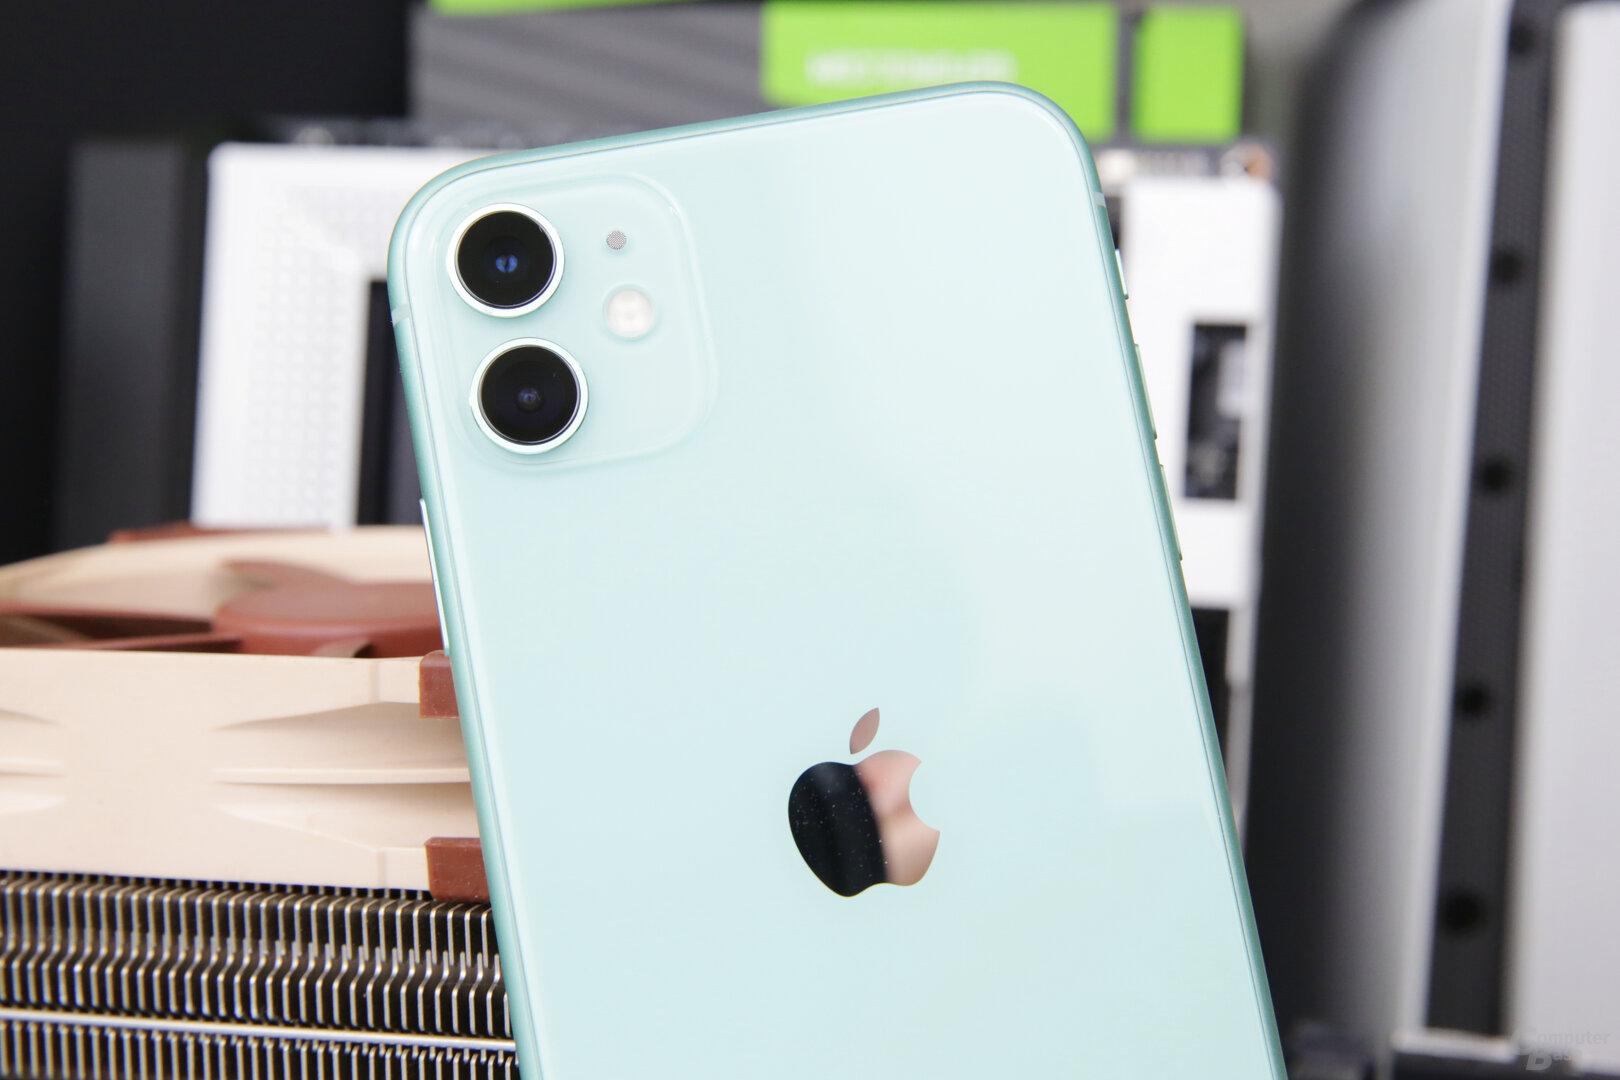 Dual-Kamera des iPhone 11 mit Weitwinkel und Ultraweitwinkel